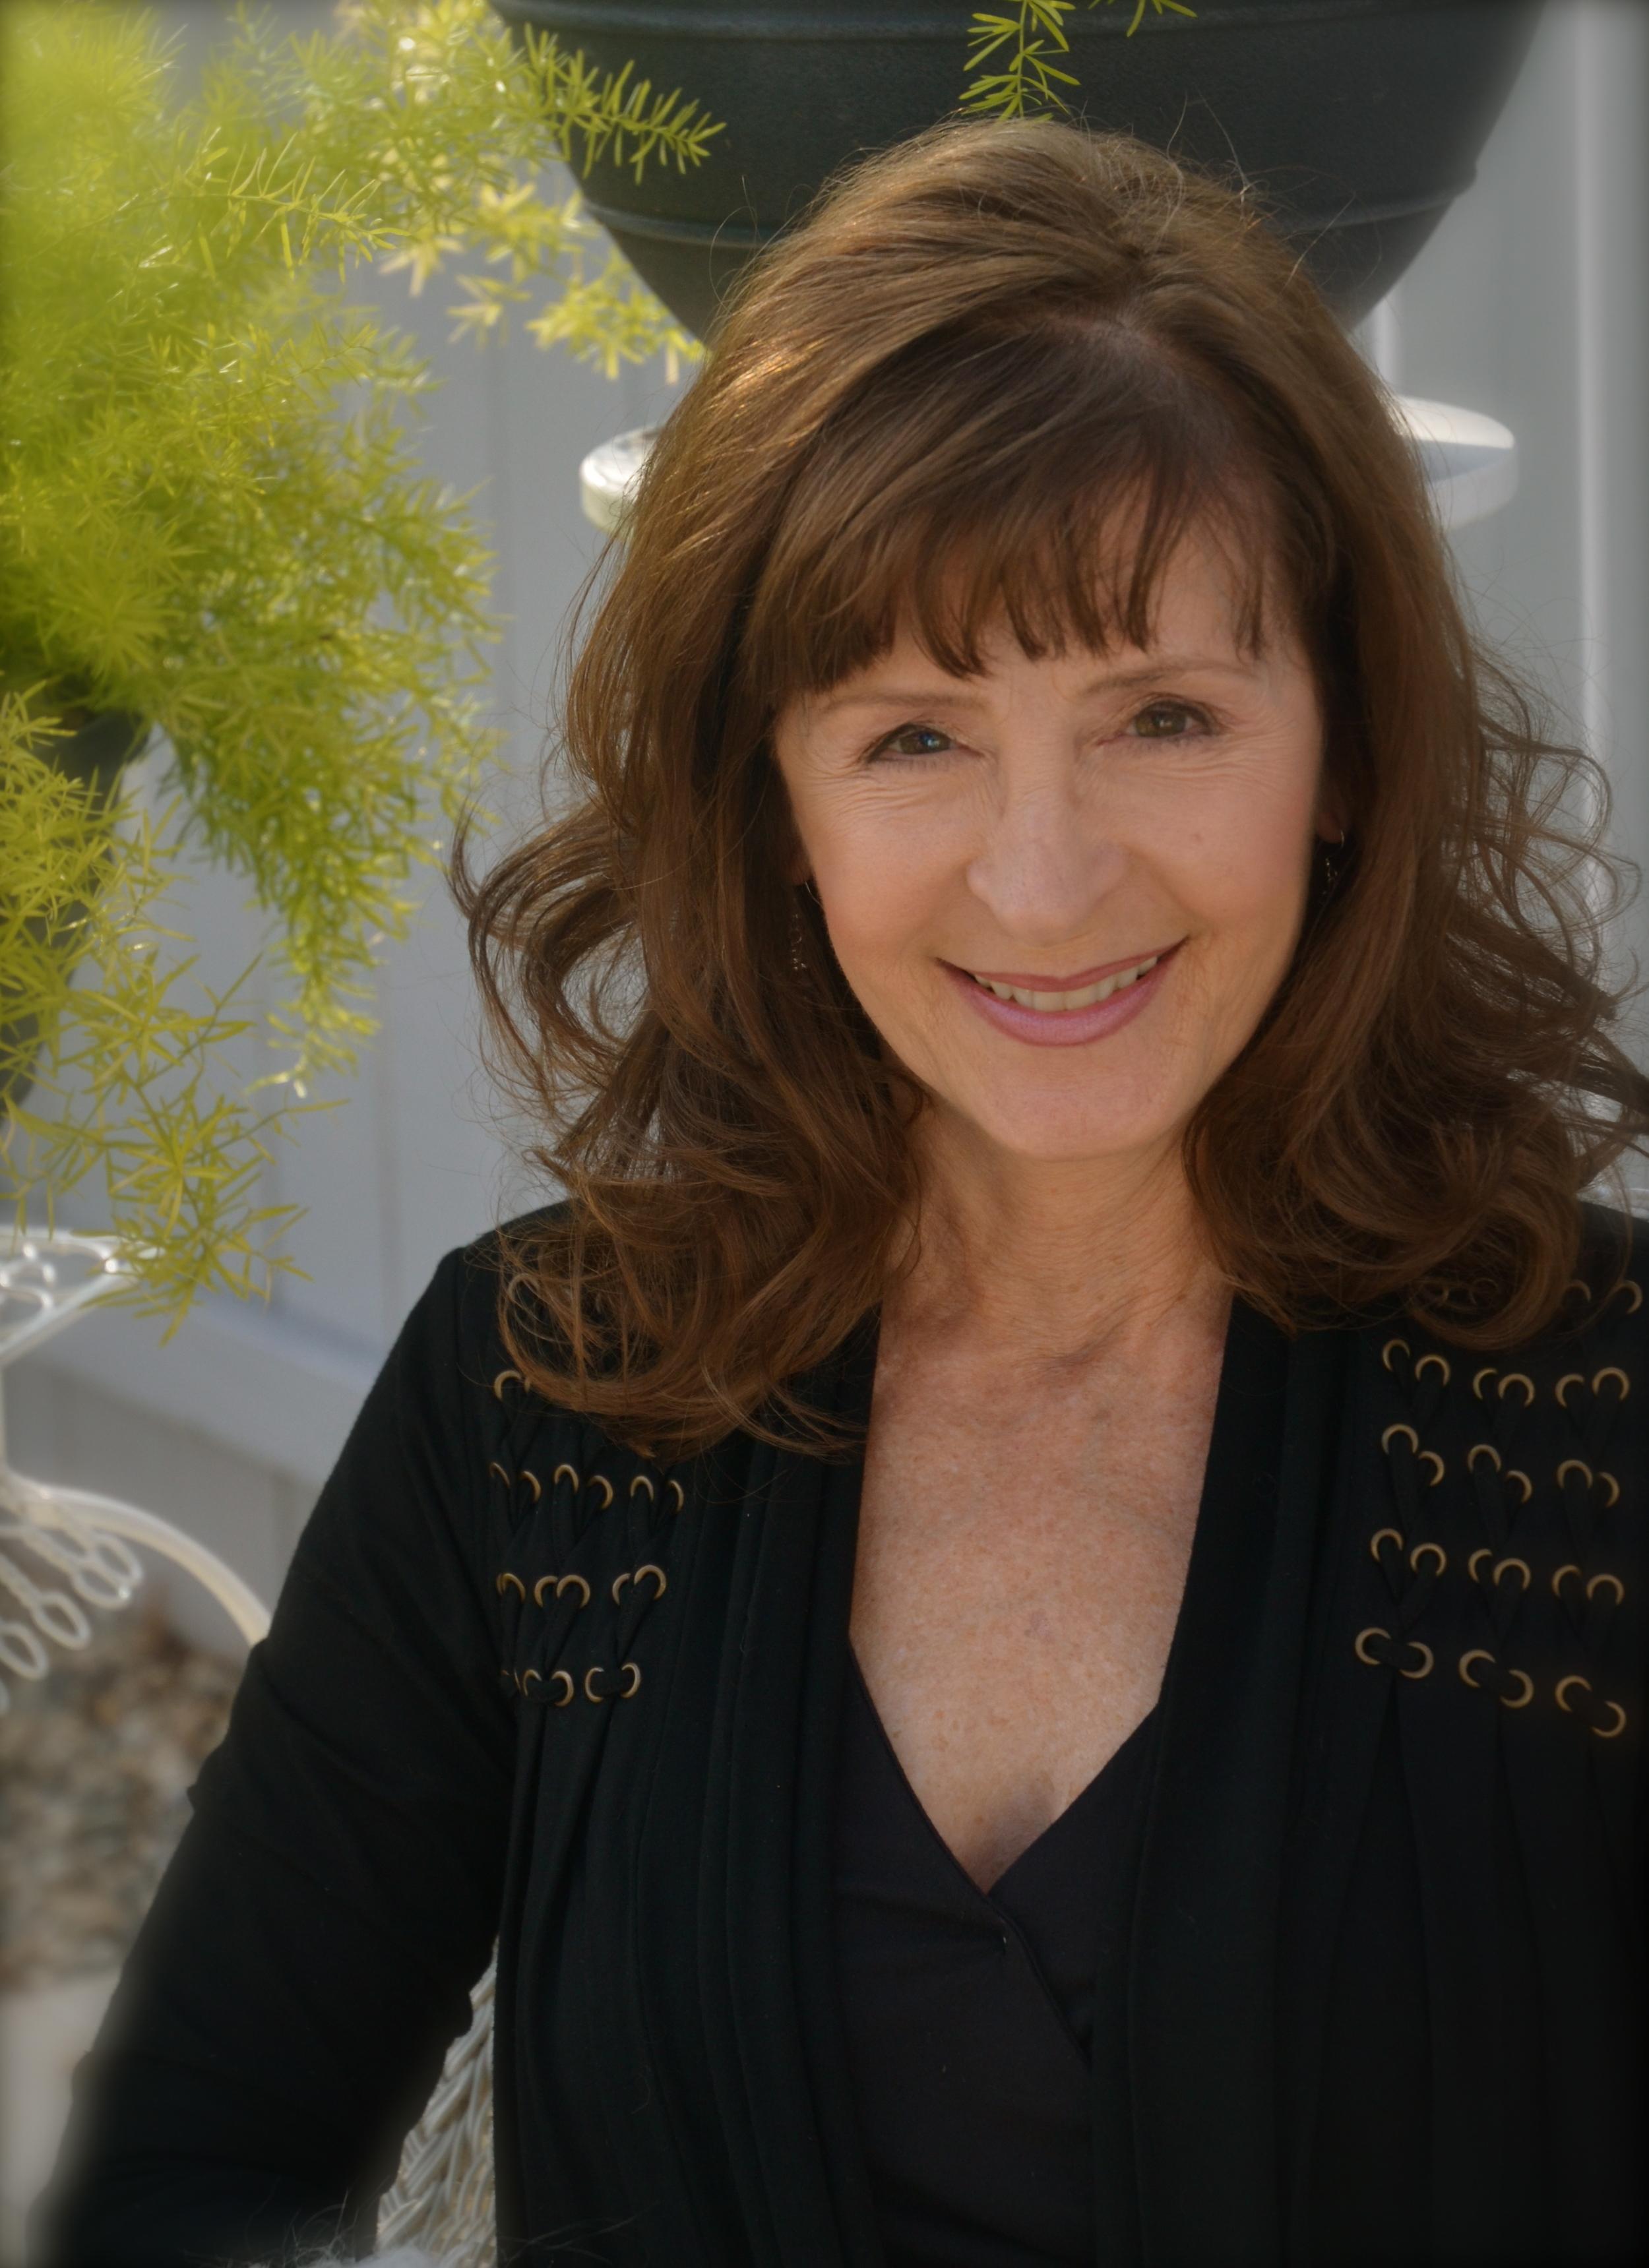 Olivia LaField